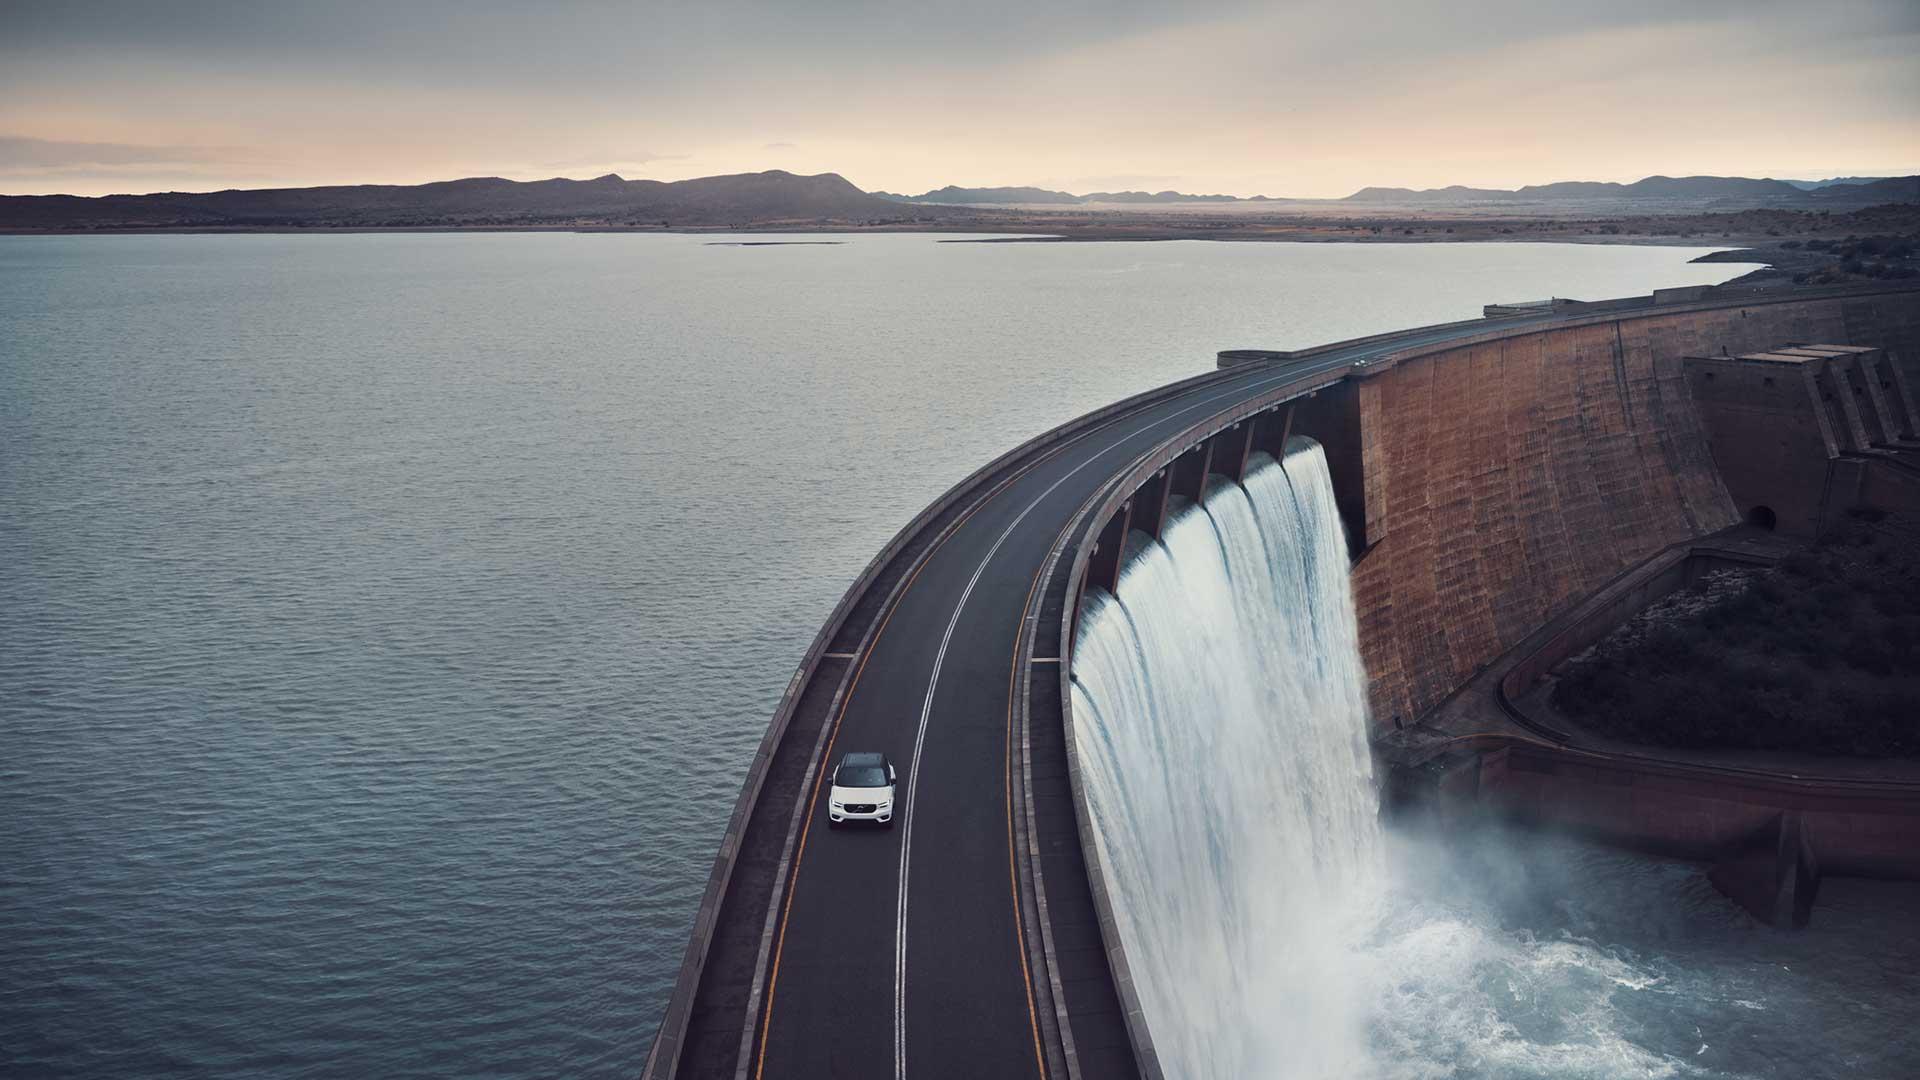 Ein Volvo SUV fährt auf einer Brücke, die einen Stausee überspannt.